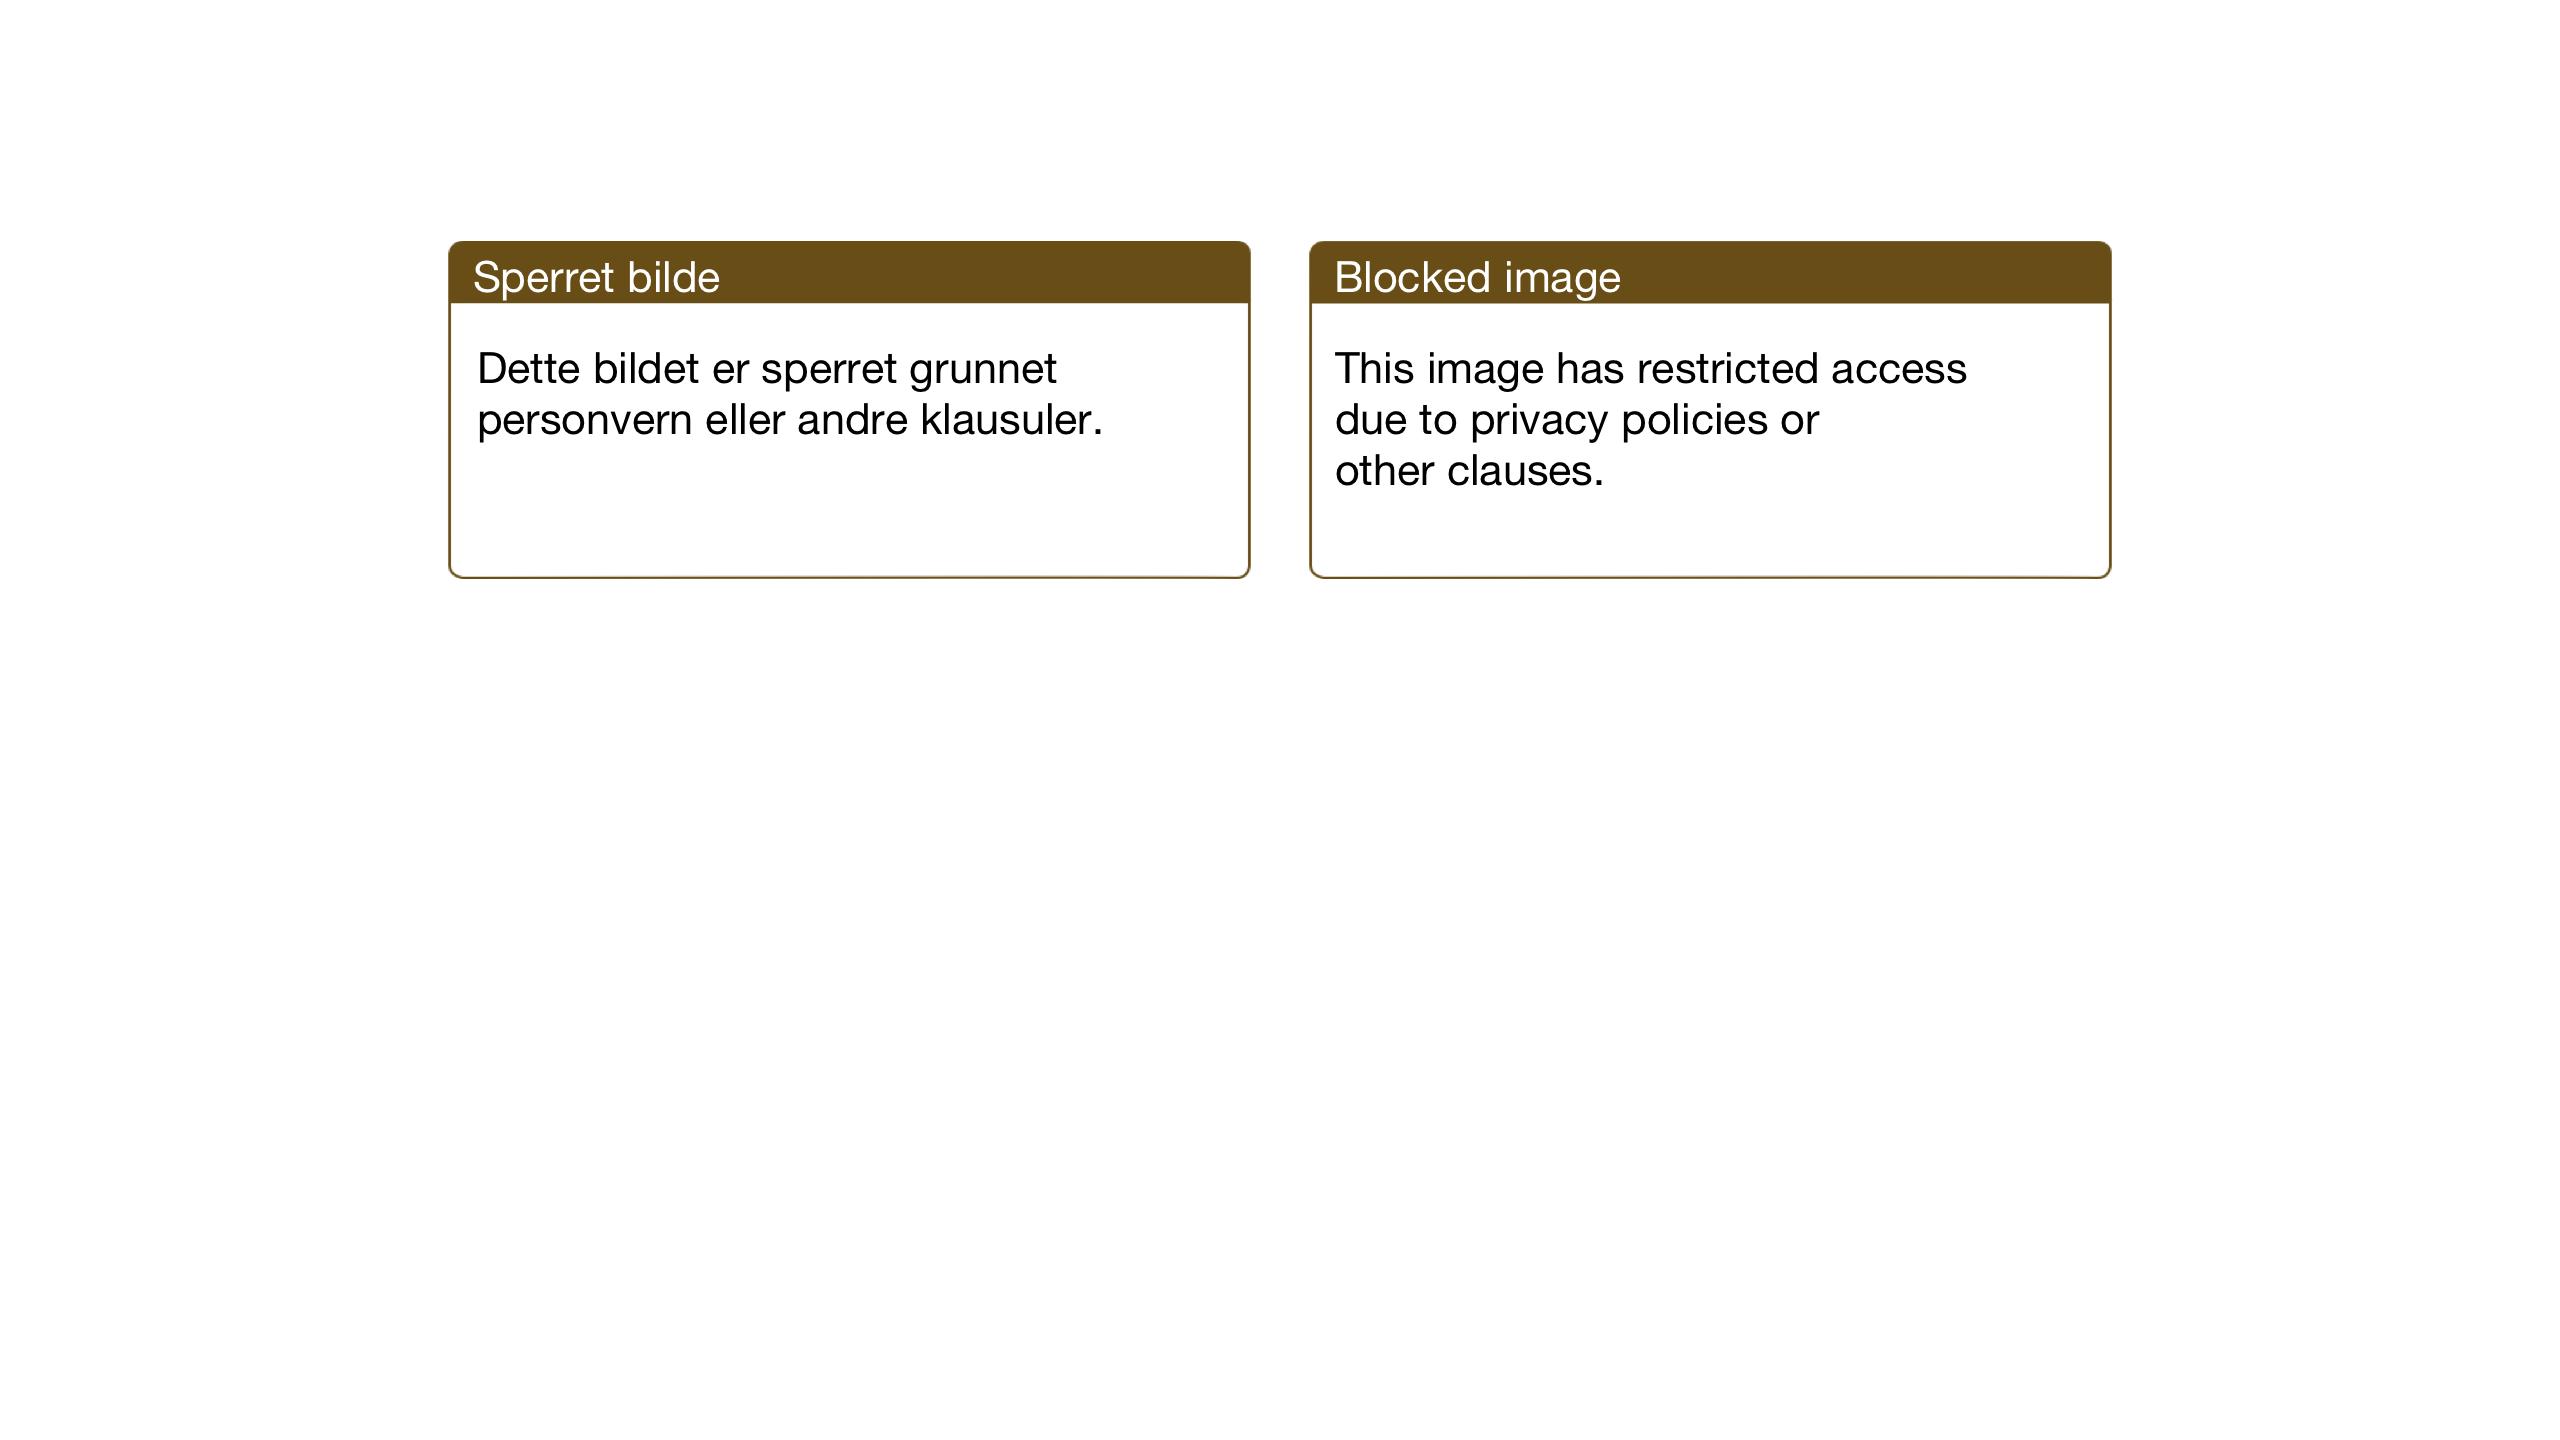 SAT, Ministerialprotokoller, klokkerbøker og fødselsregistre - Nord-Trøndelag, 770/L0592: Klokkerbok nr. 770C03, 1941-1950, s. 154